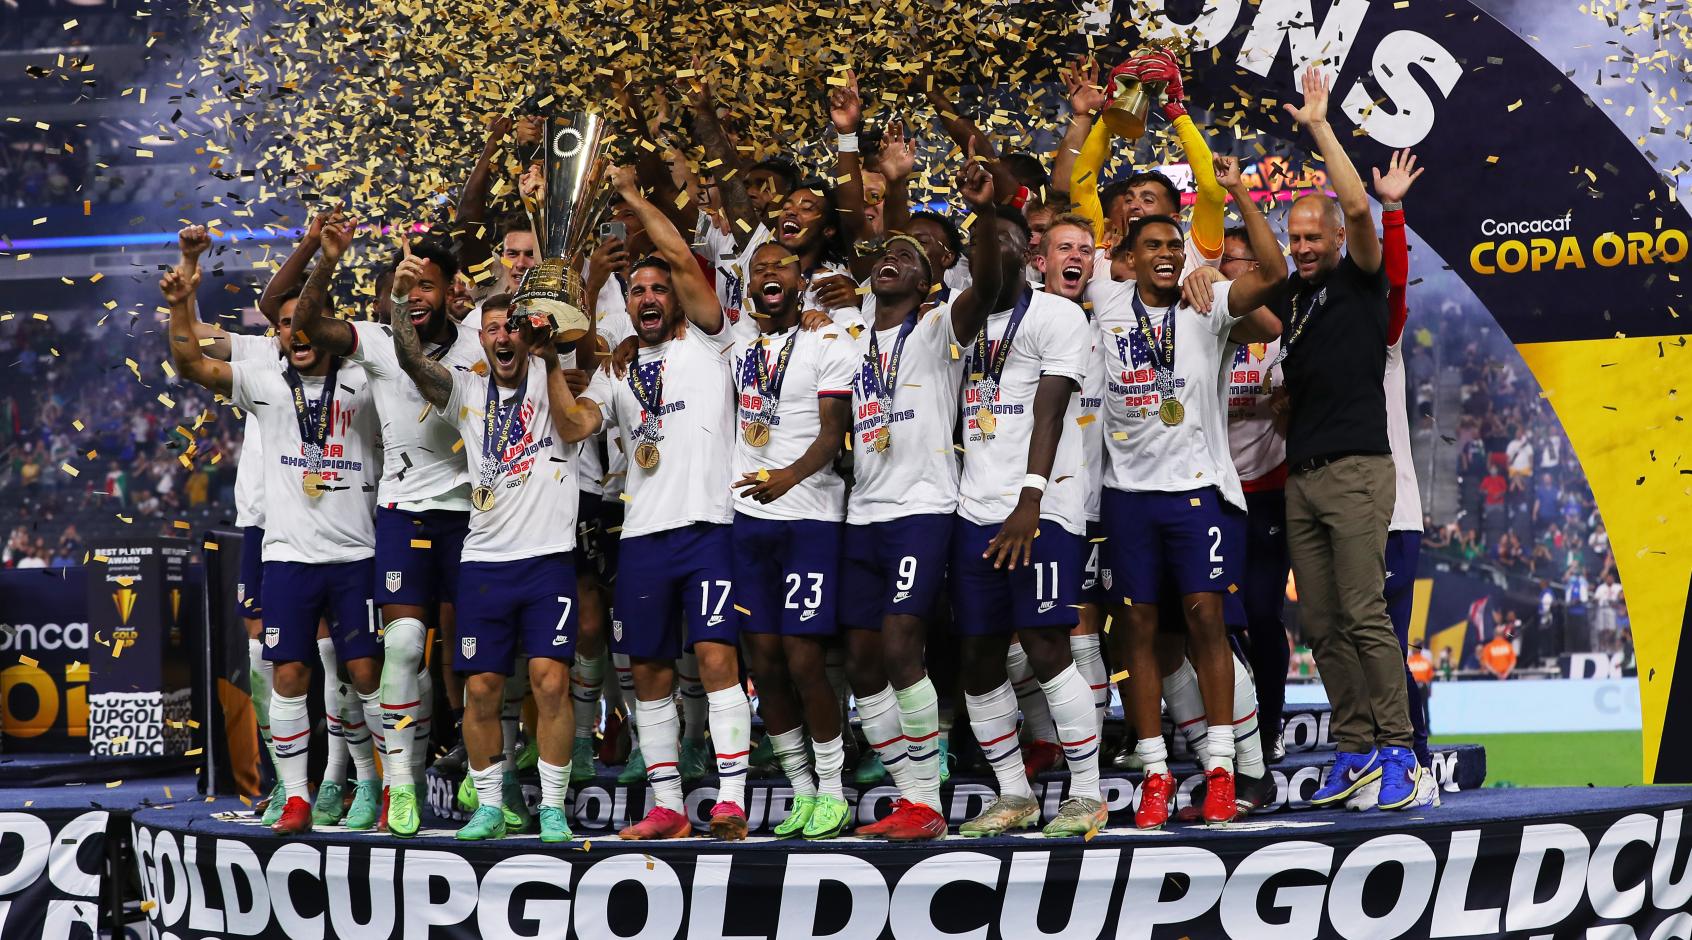 Сборная США стала победителем Золотого кубка КОНКАКАФ